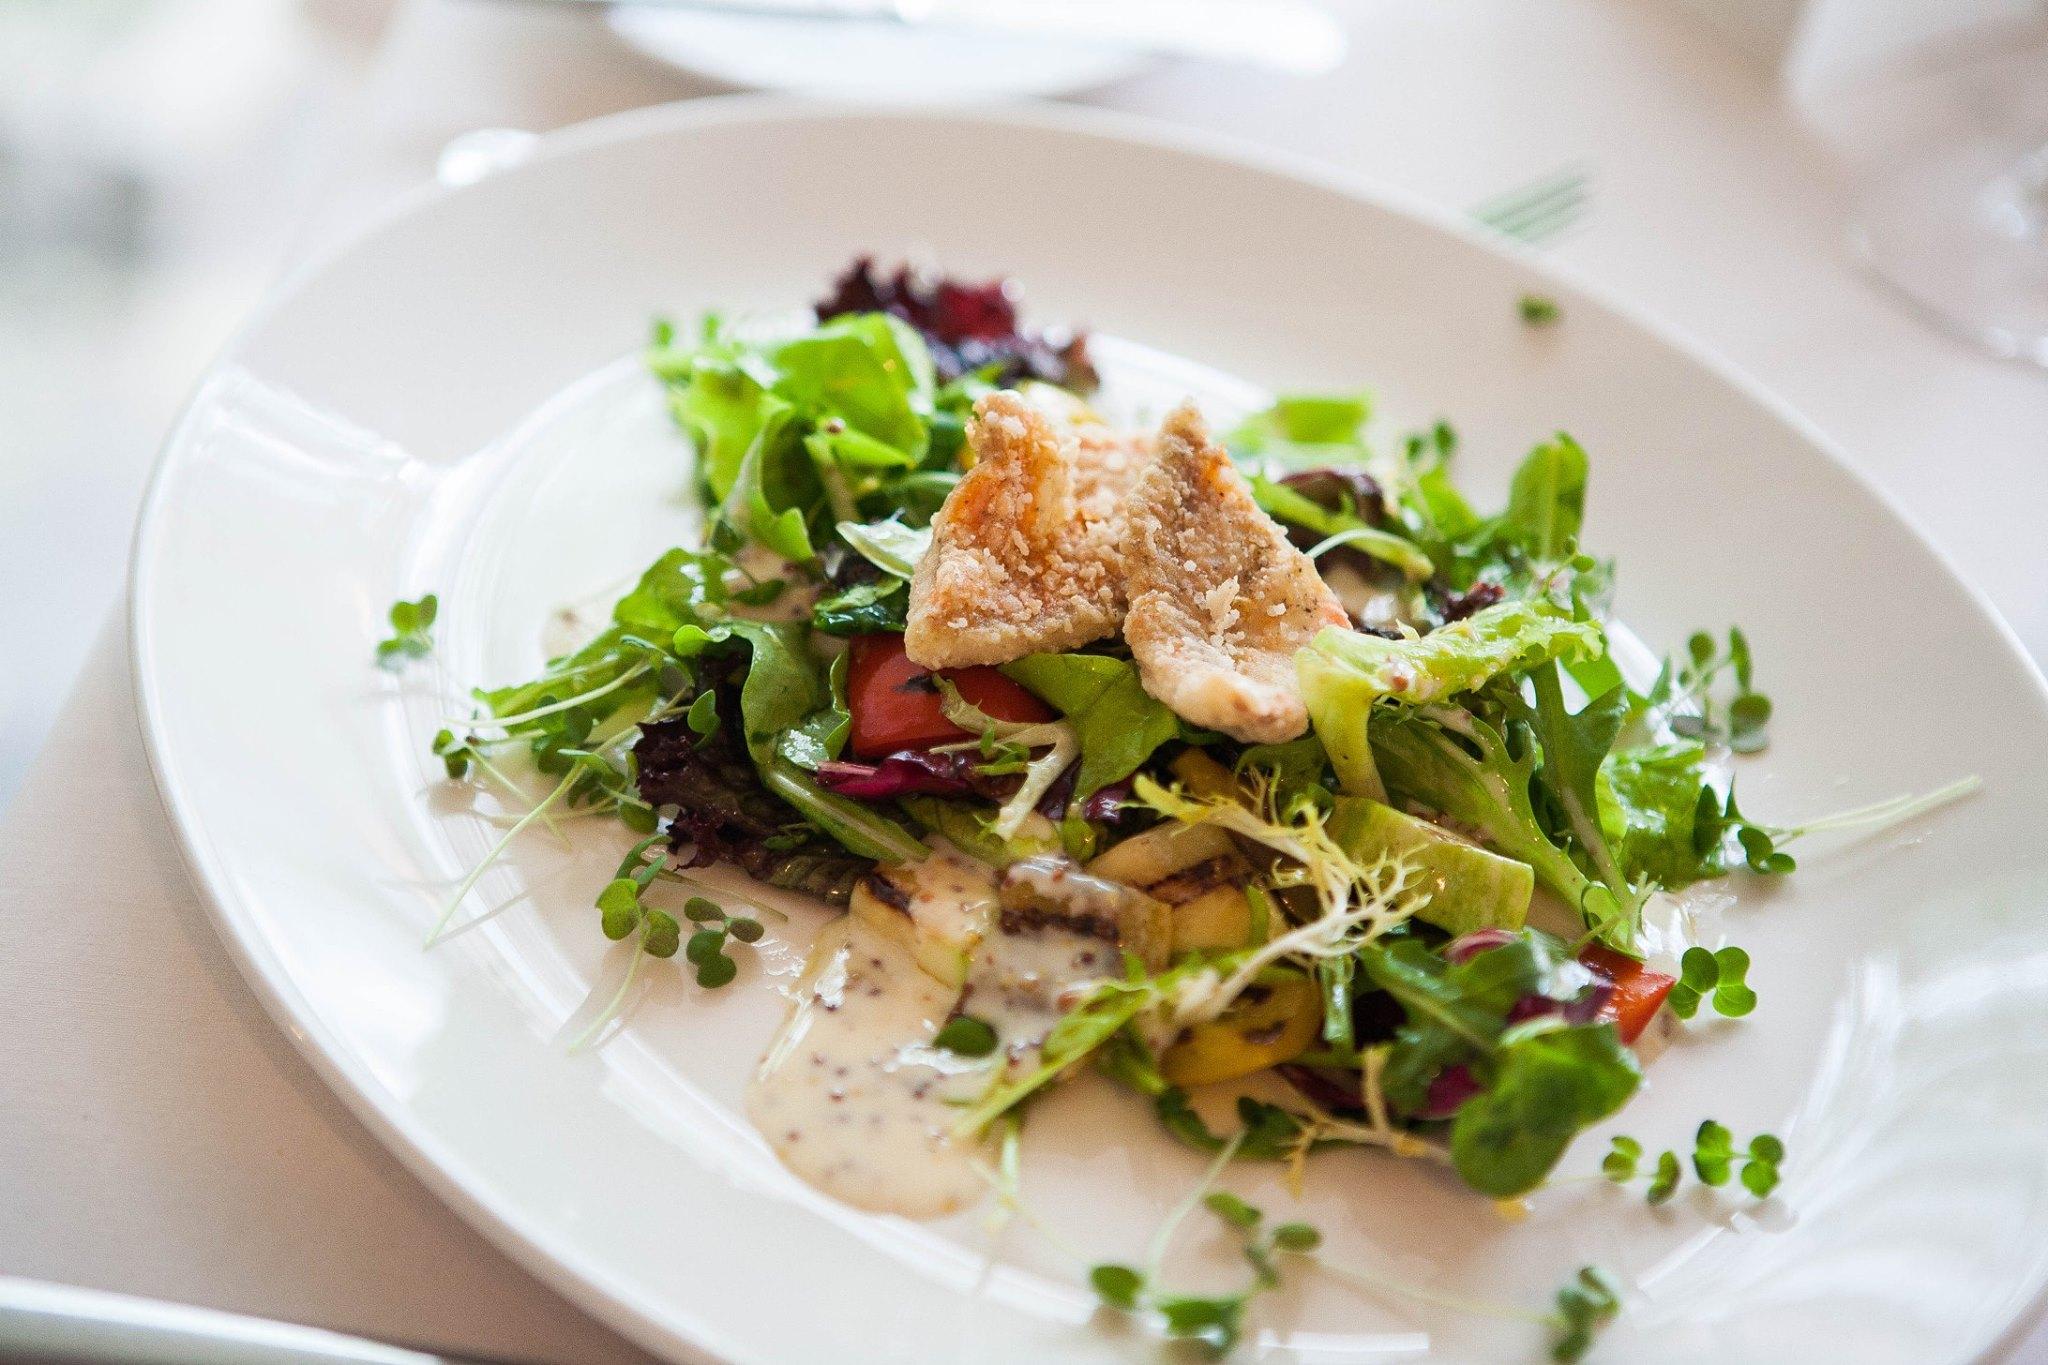 салат от шефа ресторанного типа фото самоклеющаяся